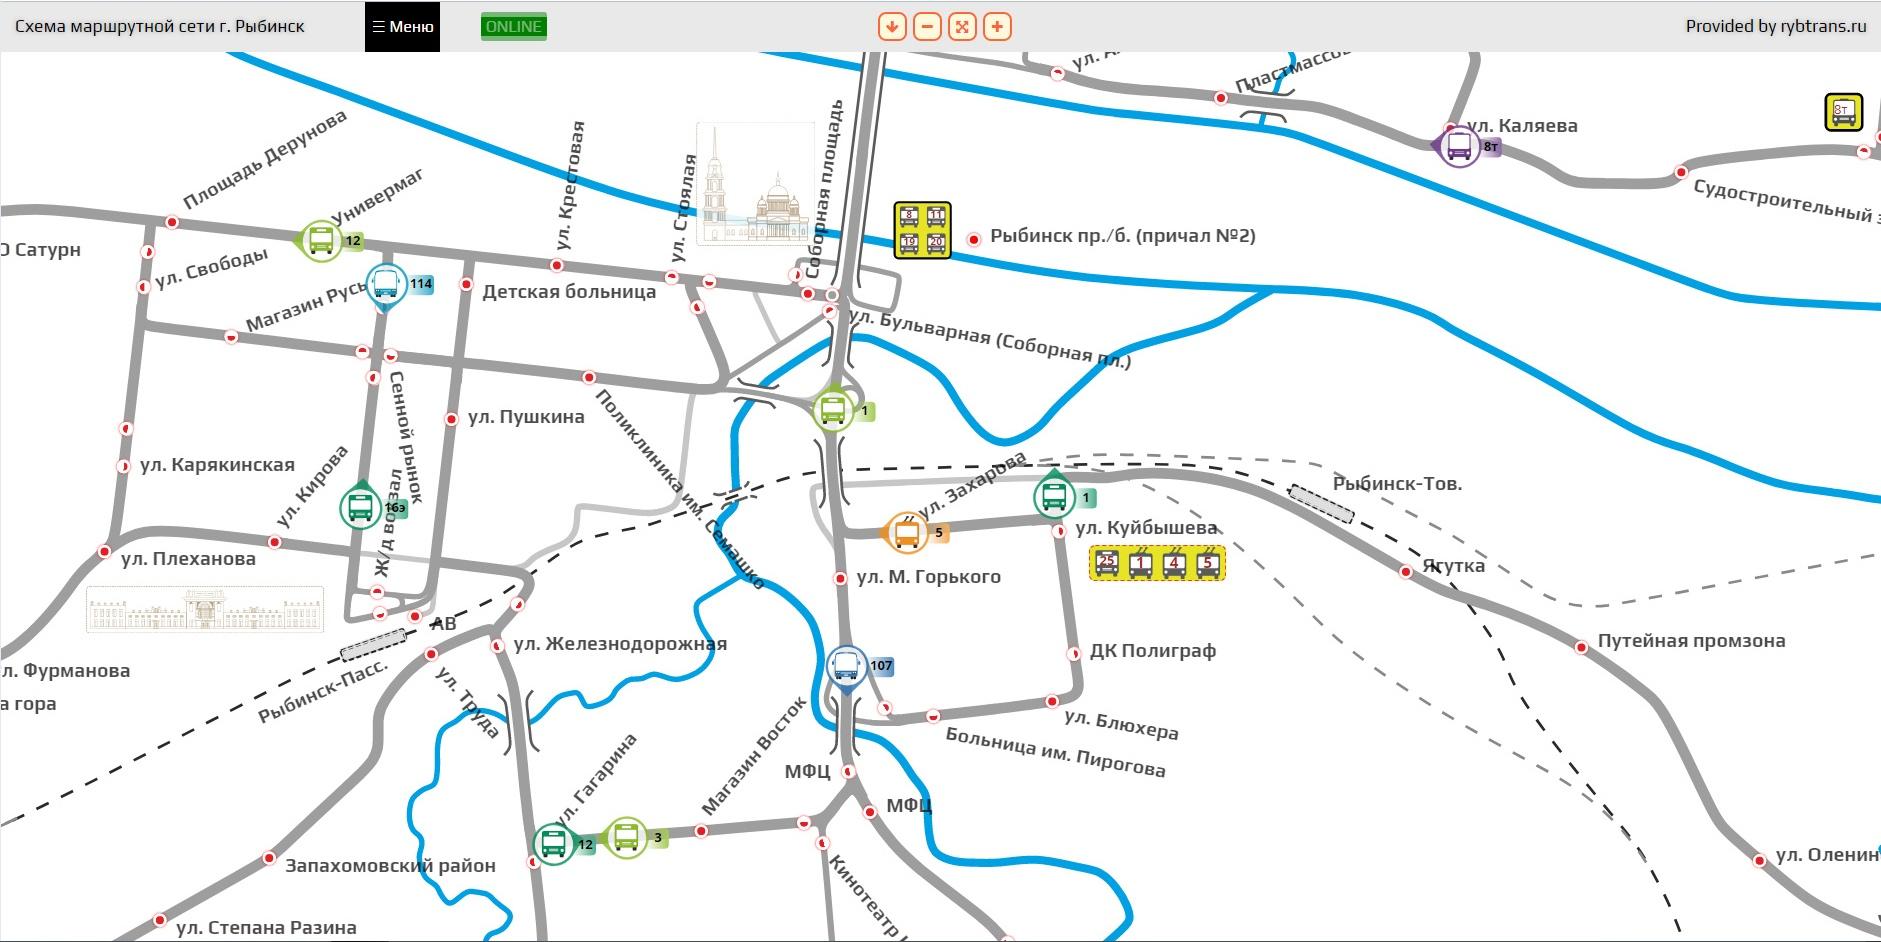 Интерактивная карта-схема